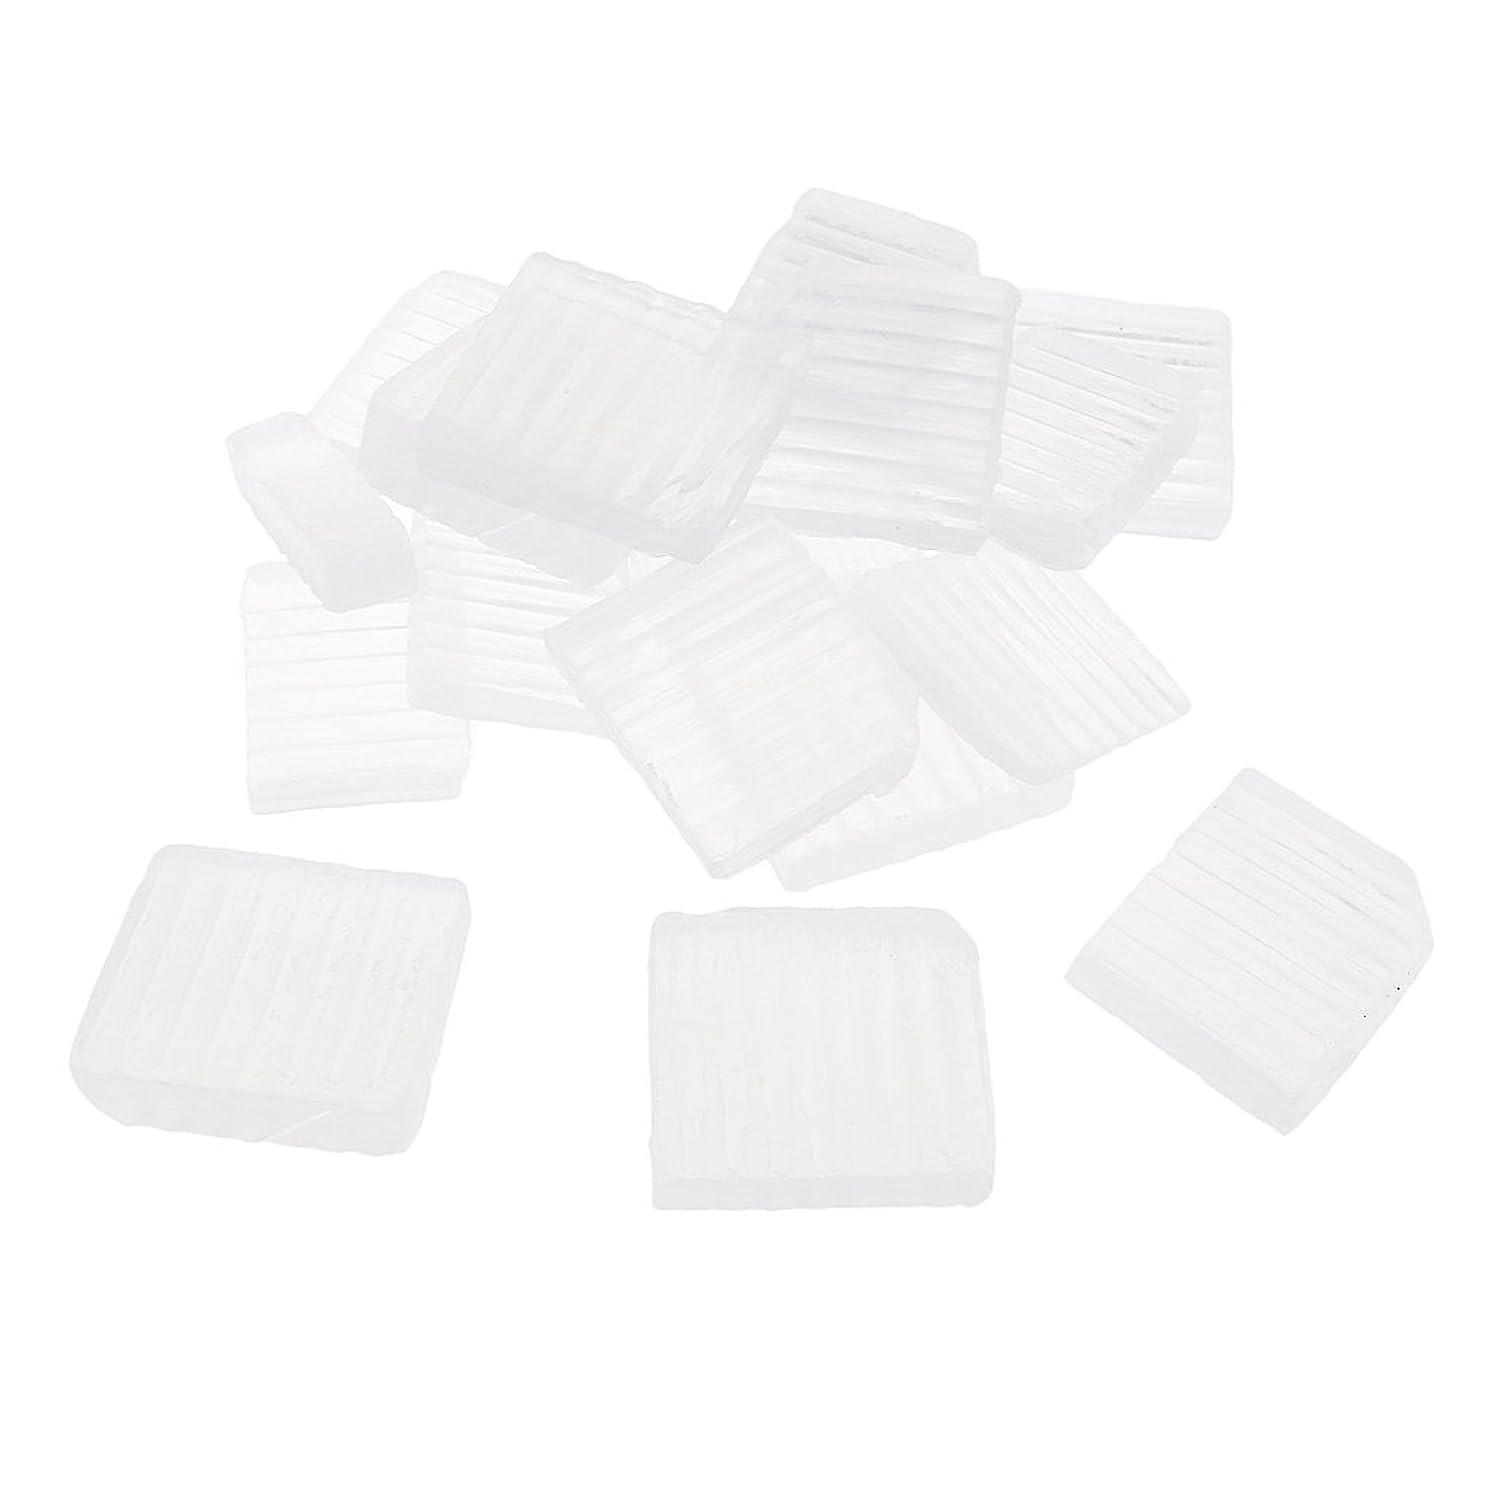 しかし昇るアルファベットSharplace 透明 石鹸ベース DIY 手作り 石鹸 約1 KG